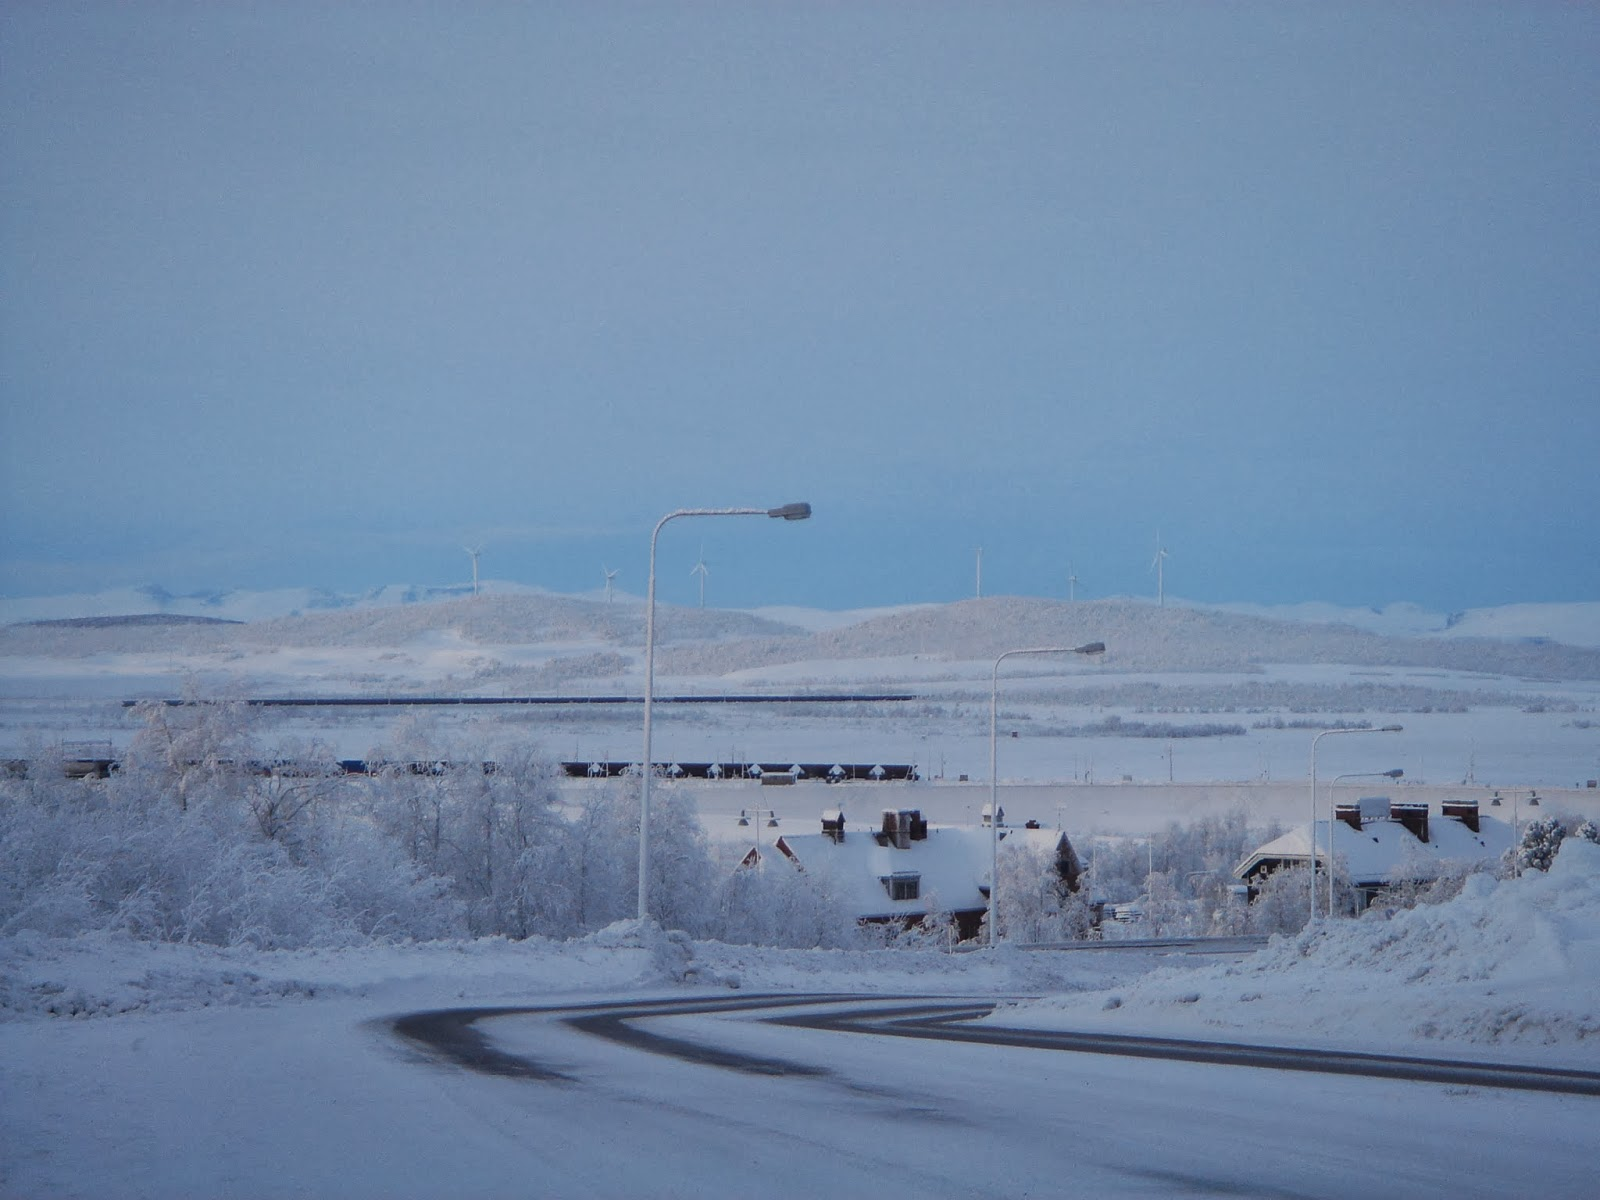 países con noches blancas Lapland, Suecia festival de kiruna